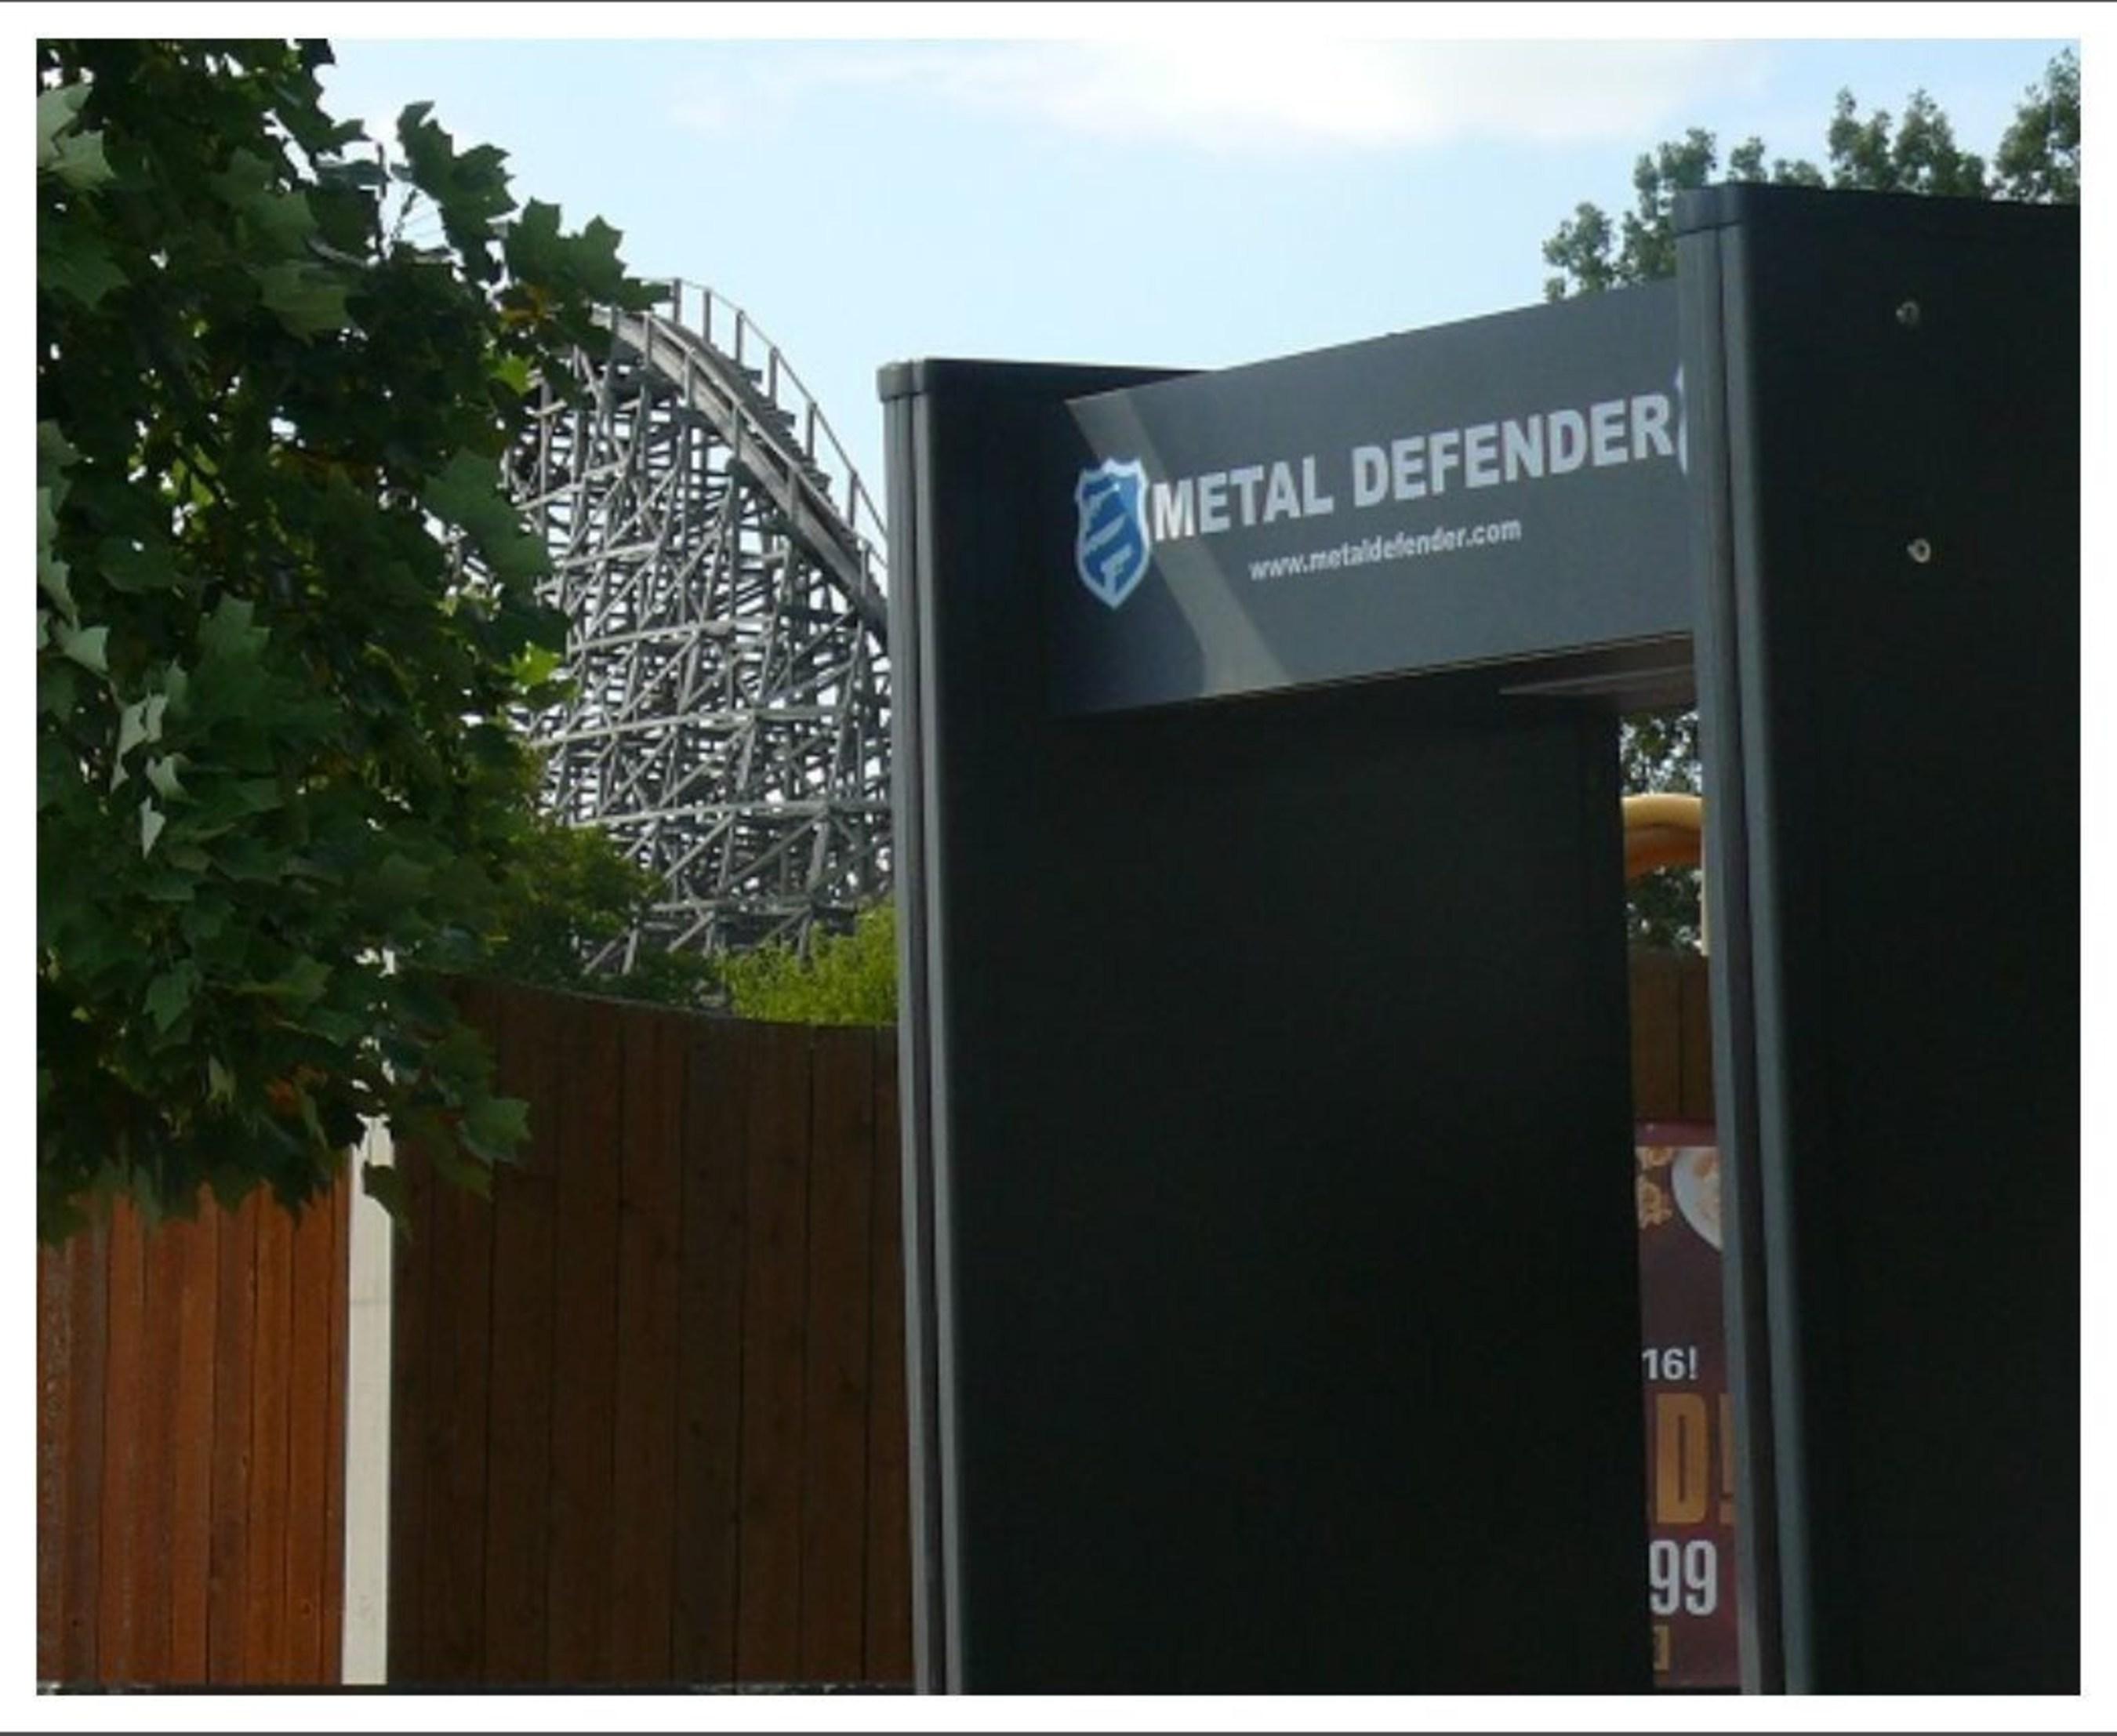 Metal Defender Walk Through Metal Detectors Deployed at Six Flags